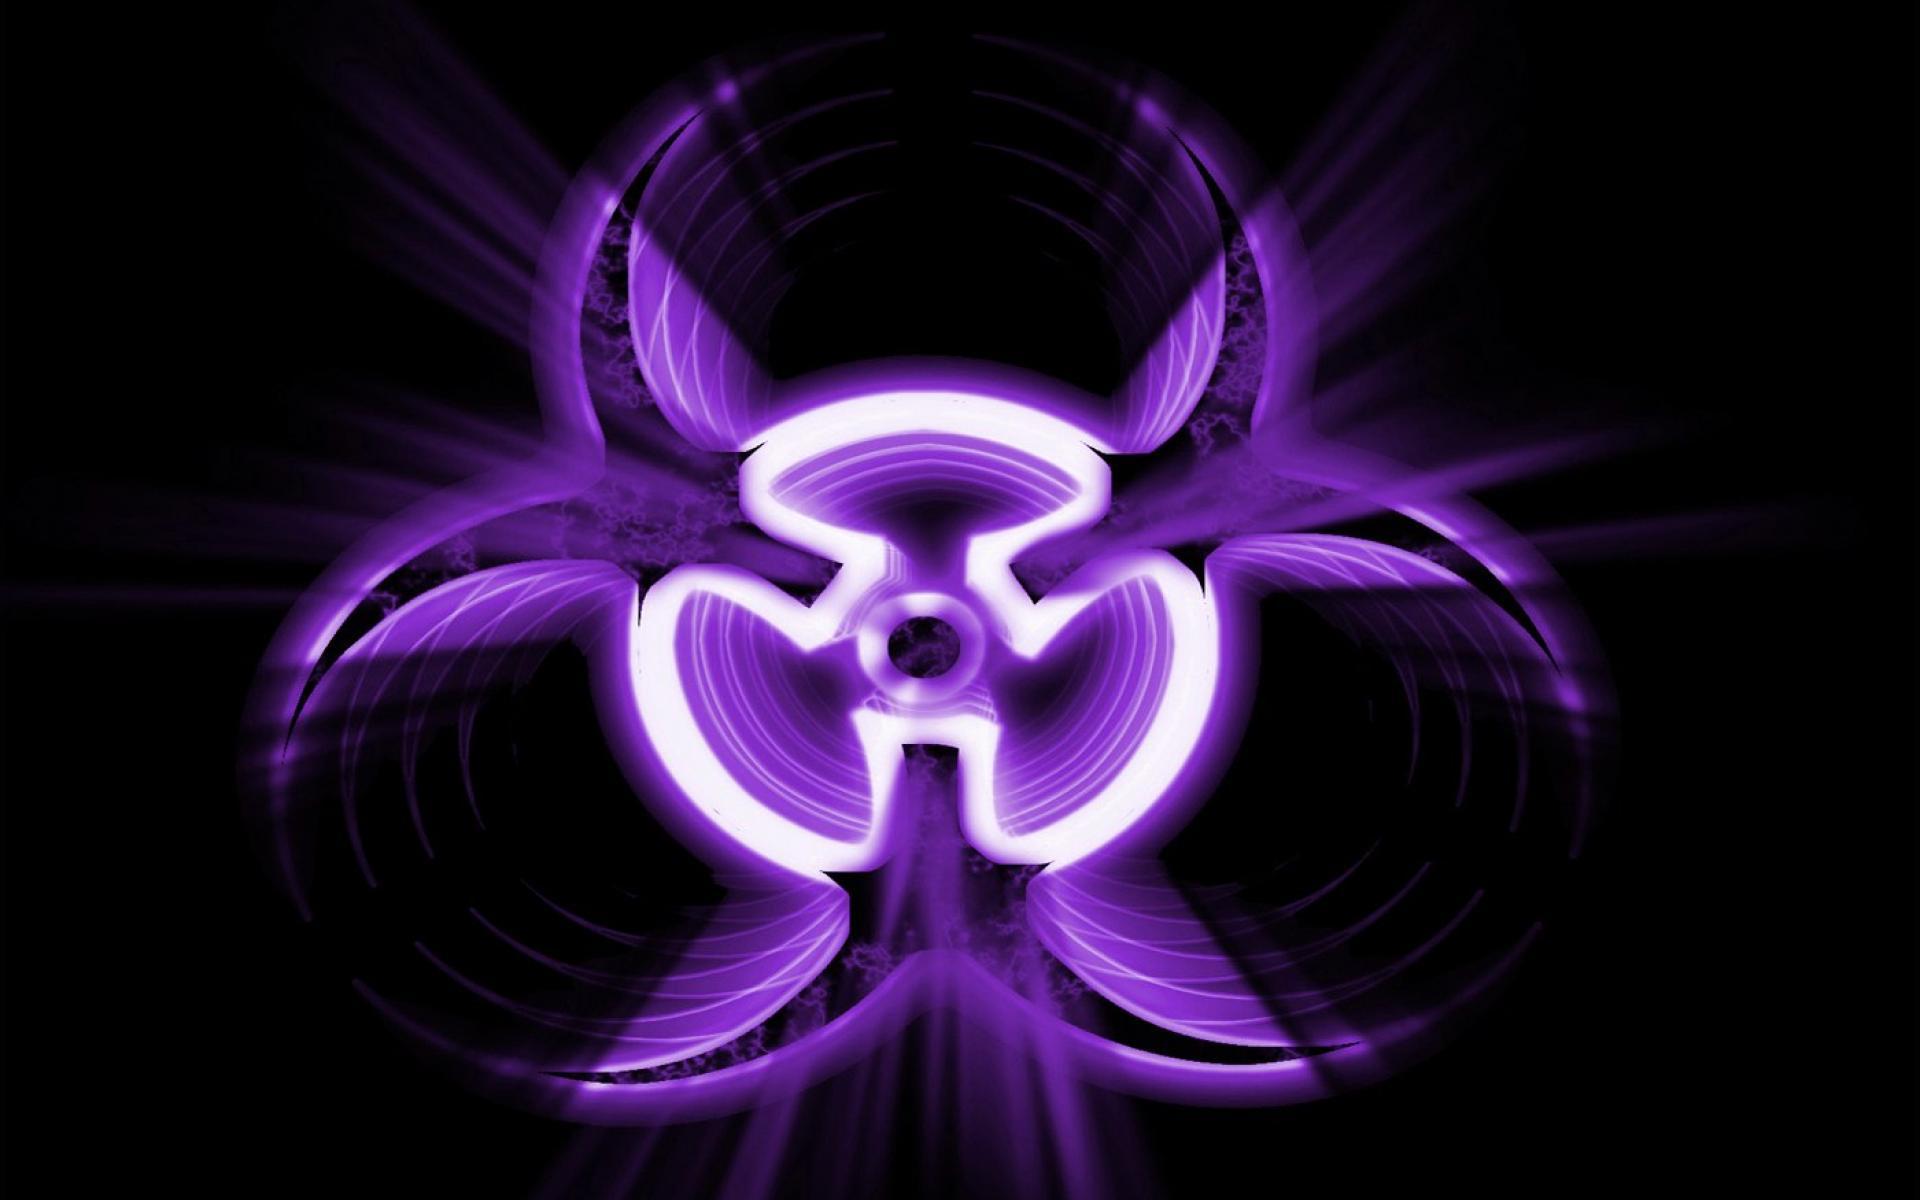 Biohazard Wallpaper Hd Wallpapersafari